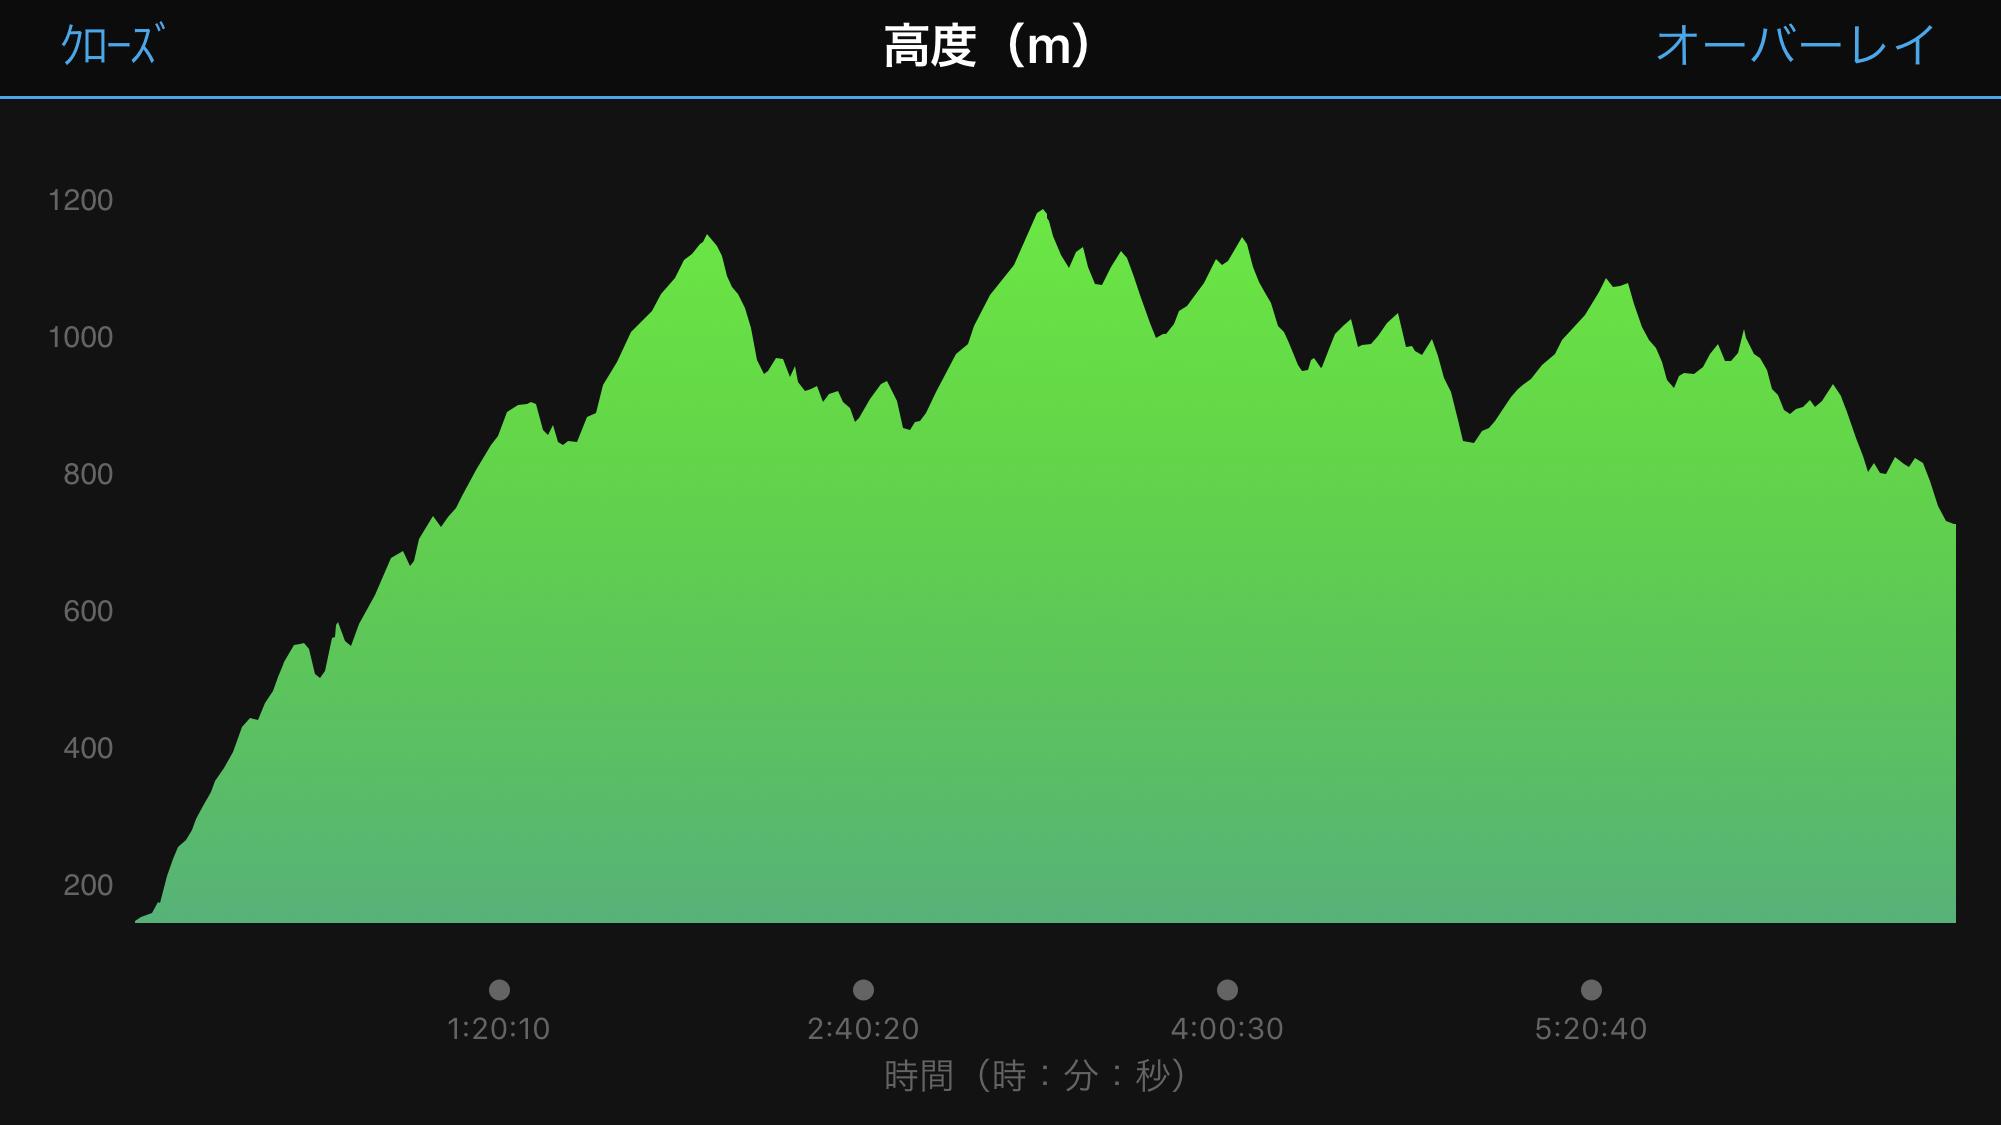 箱根外輪山トレイル24